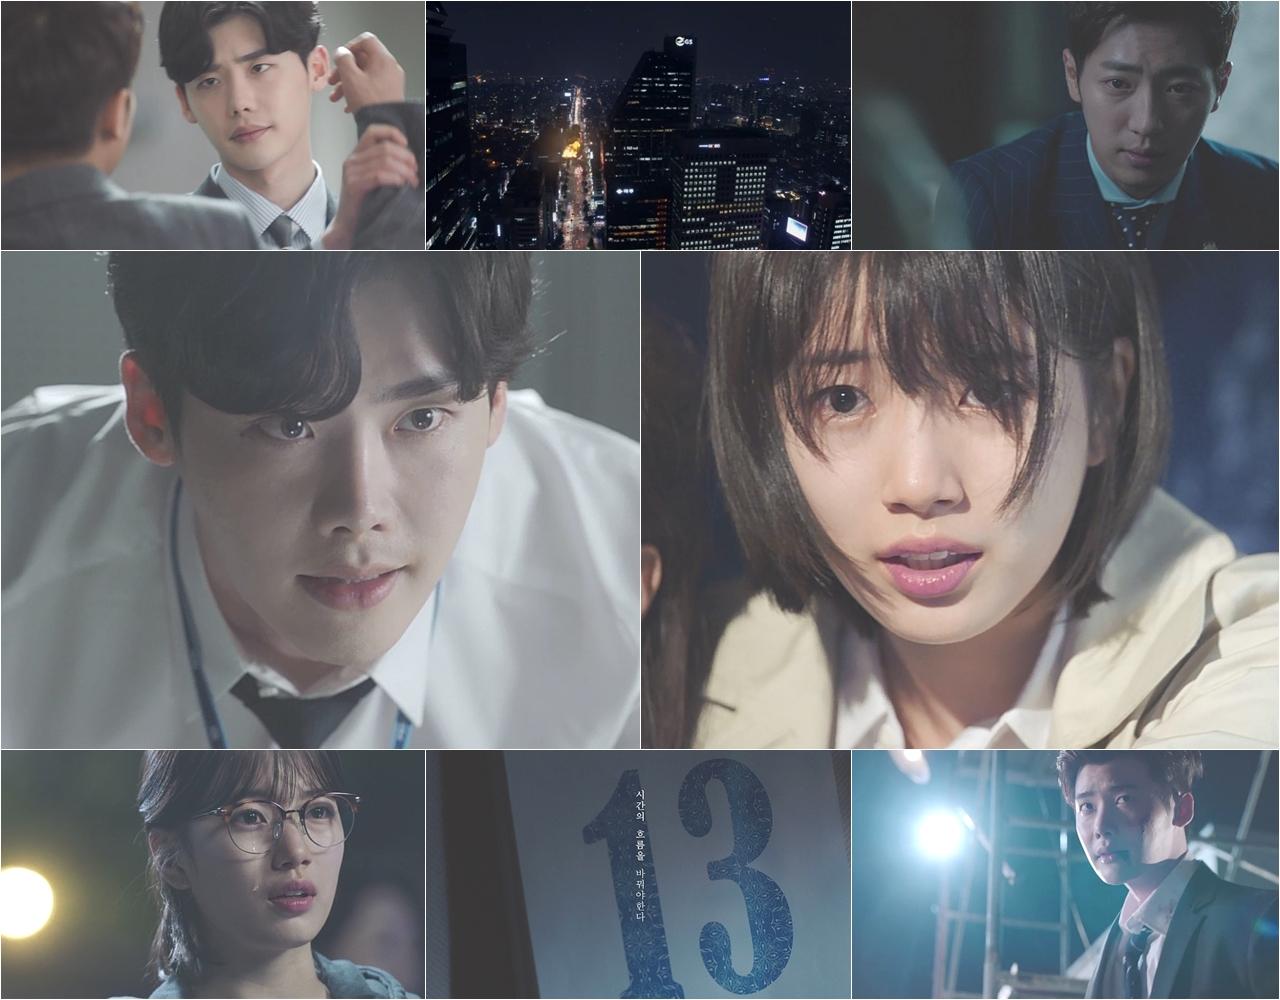 <당신이 잠든 사이에> 이종석-배수지-이상엽, 새로운 관계의 서막 3차 티저 공개!